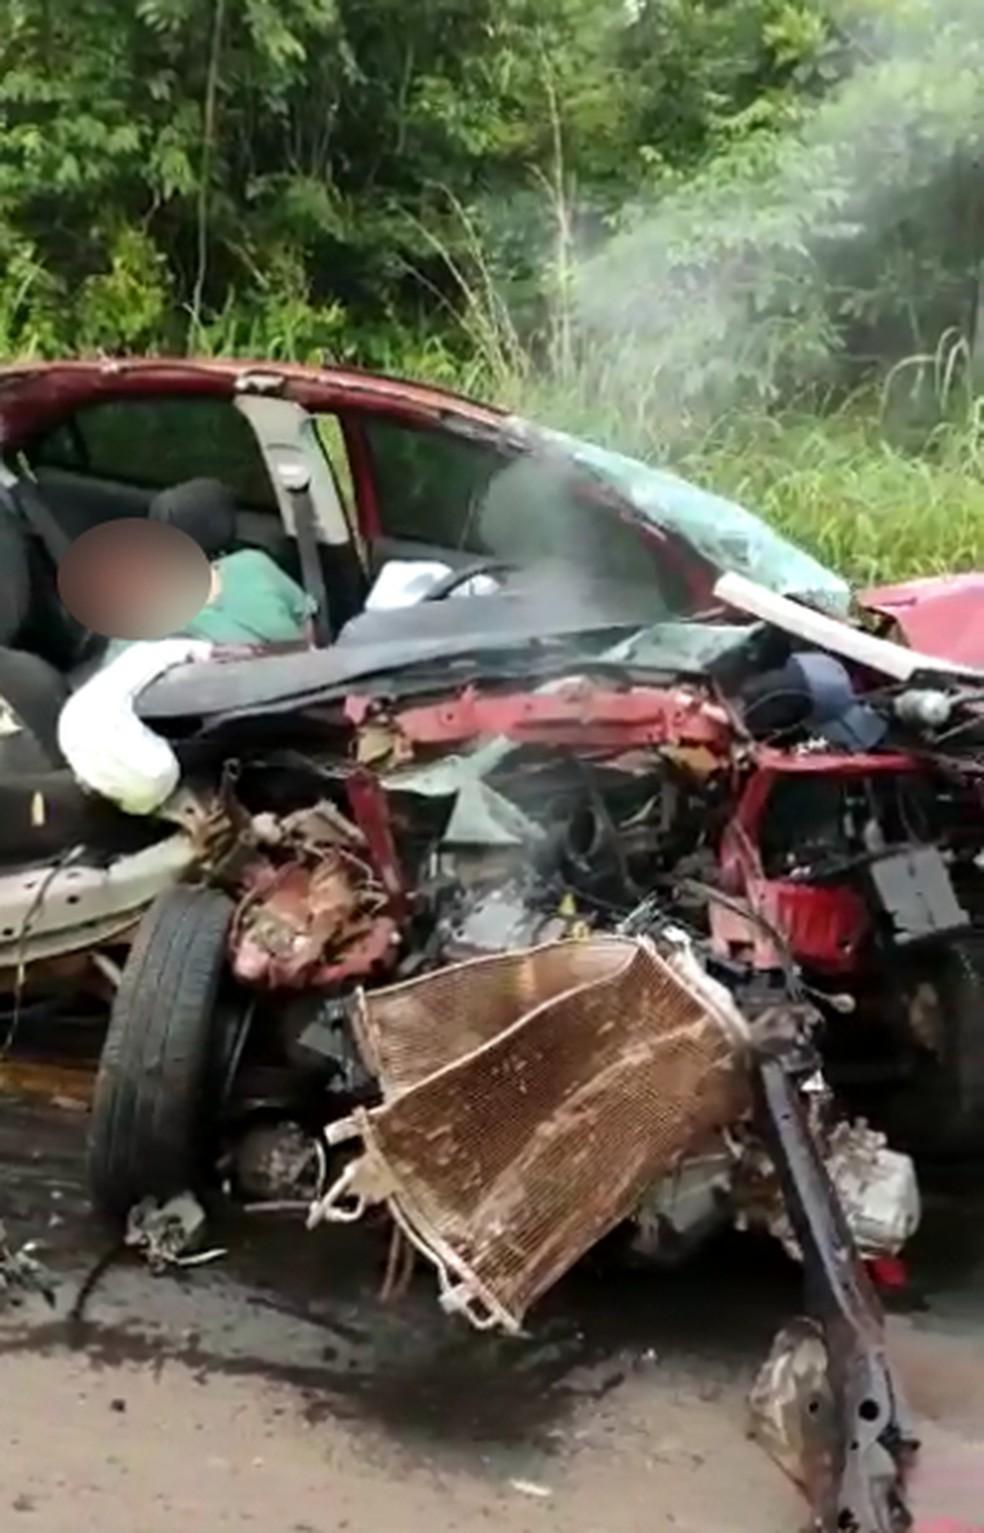 Said morreu ainda no local do acidente — Foto: Reprodução